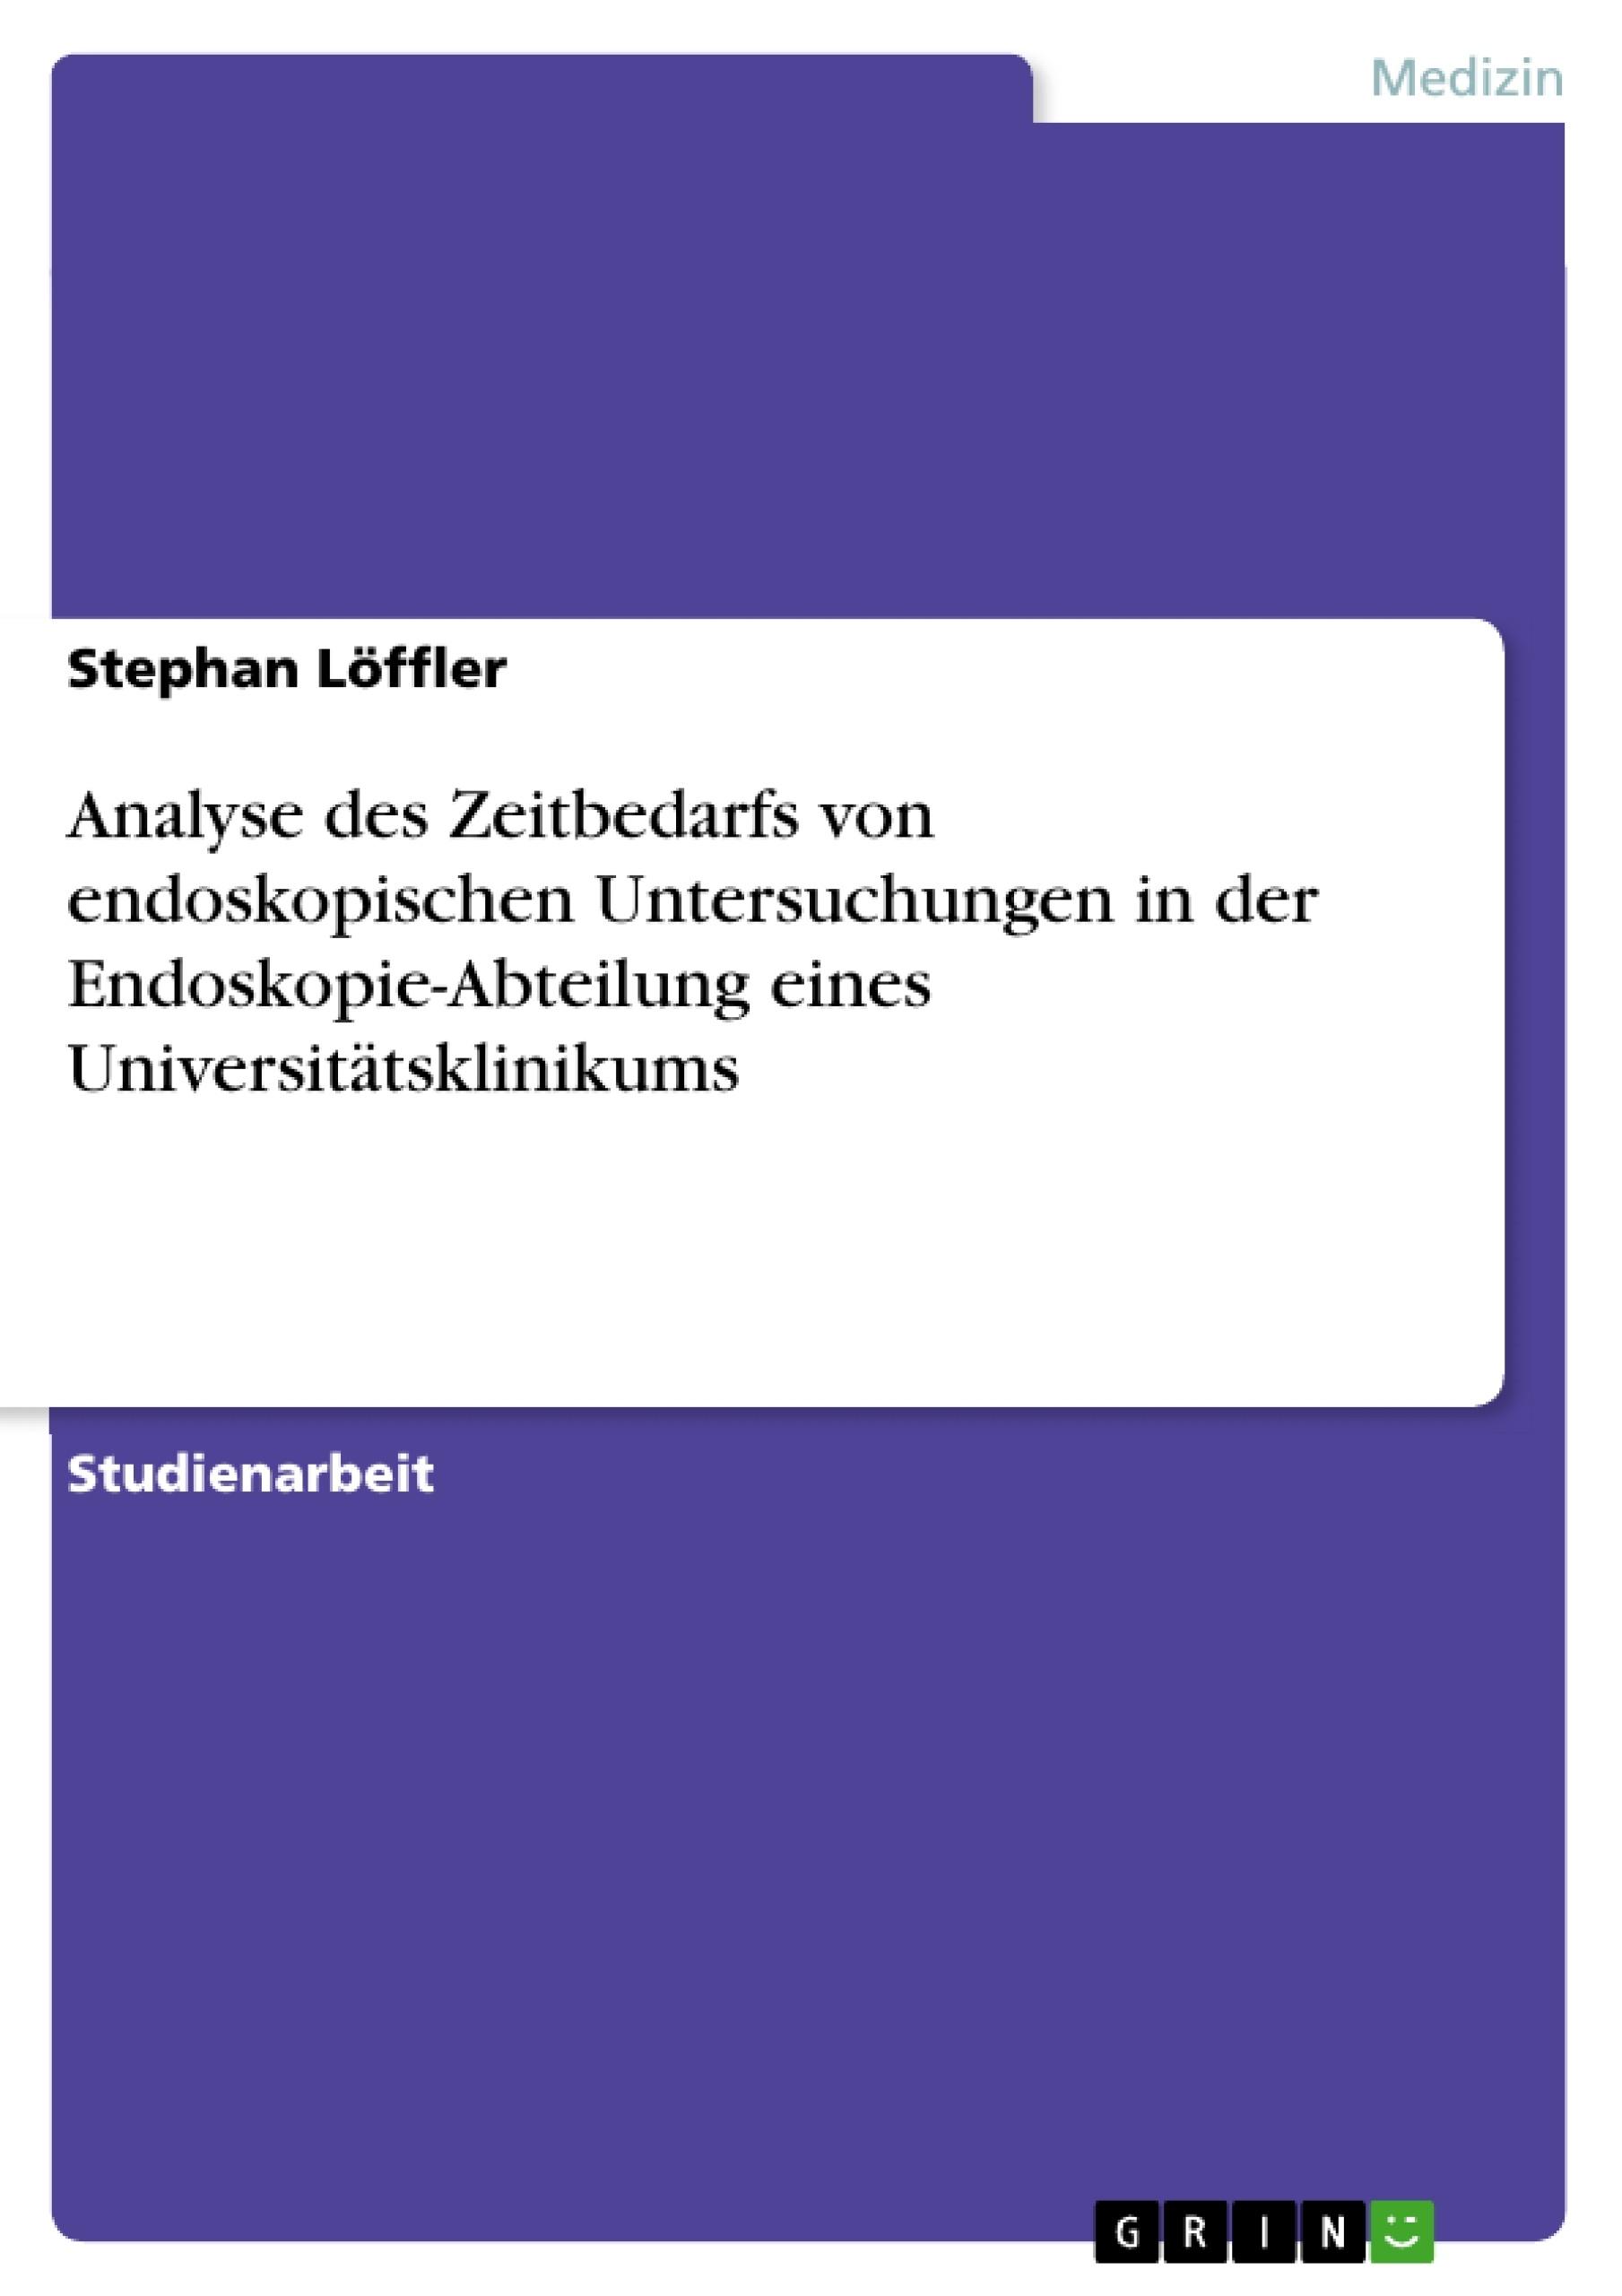 Titel: Analyse des Zeitbedarfs von endoskopischen Untersuchungen in der Endoskopie-Abteilung eines Universitätsklinikums